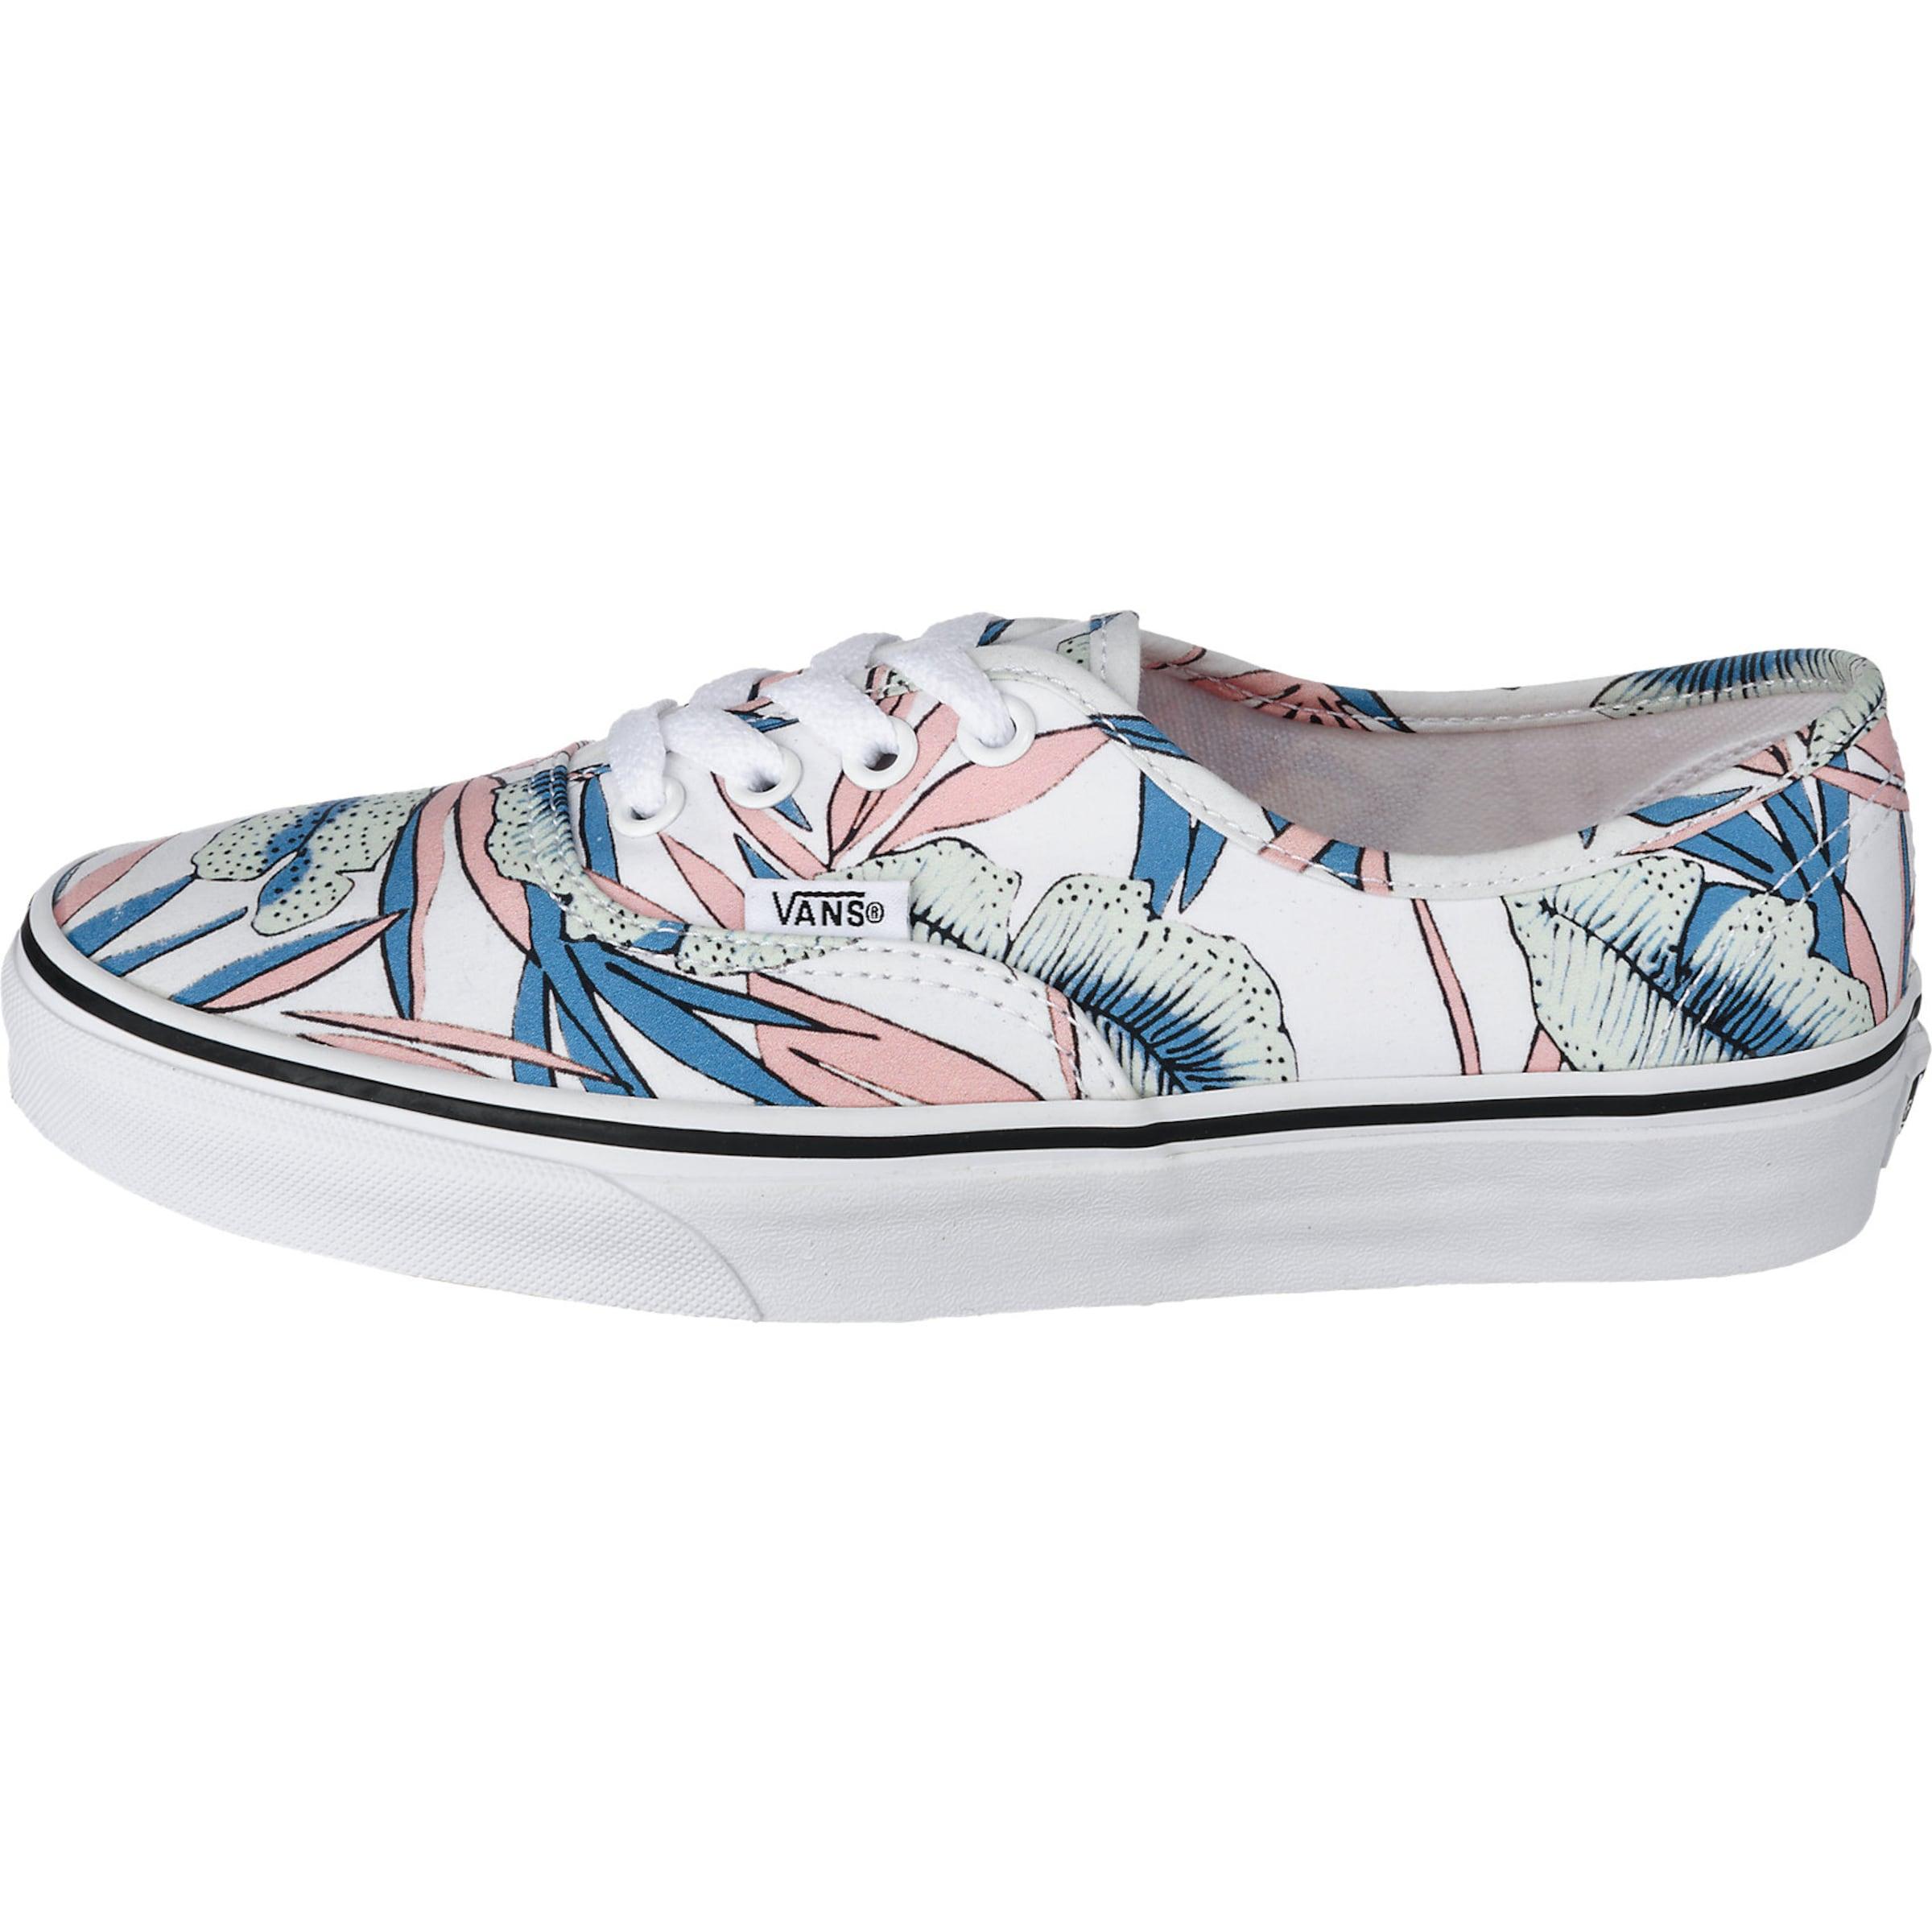 VANS 'Authentic Tropical Leaves' Sneaker Damen Kostenloser Versand Zu Kaufen Rabatt Erwerben Günstigsten Preis Online Manchester Günstiger Preis RgXy6Sn